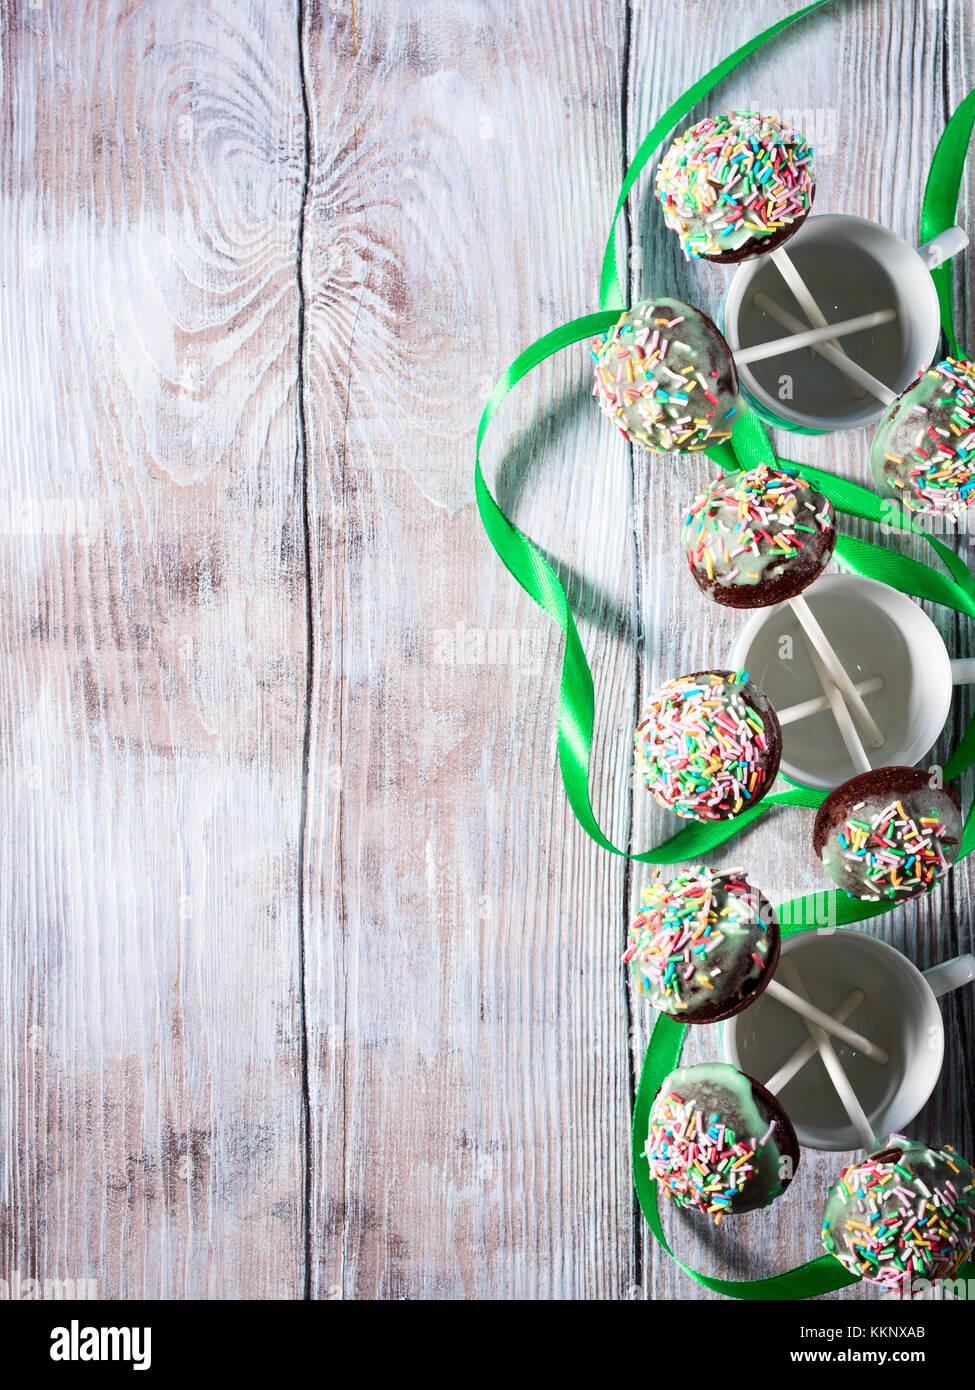 Nahaufnahme des bunten Schokoladenkuchen Pops mit Zucker Streusel in kleinen Tassen auf hölzernen Tisch. Kopieren Stockbild